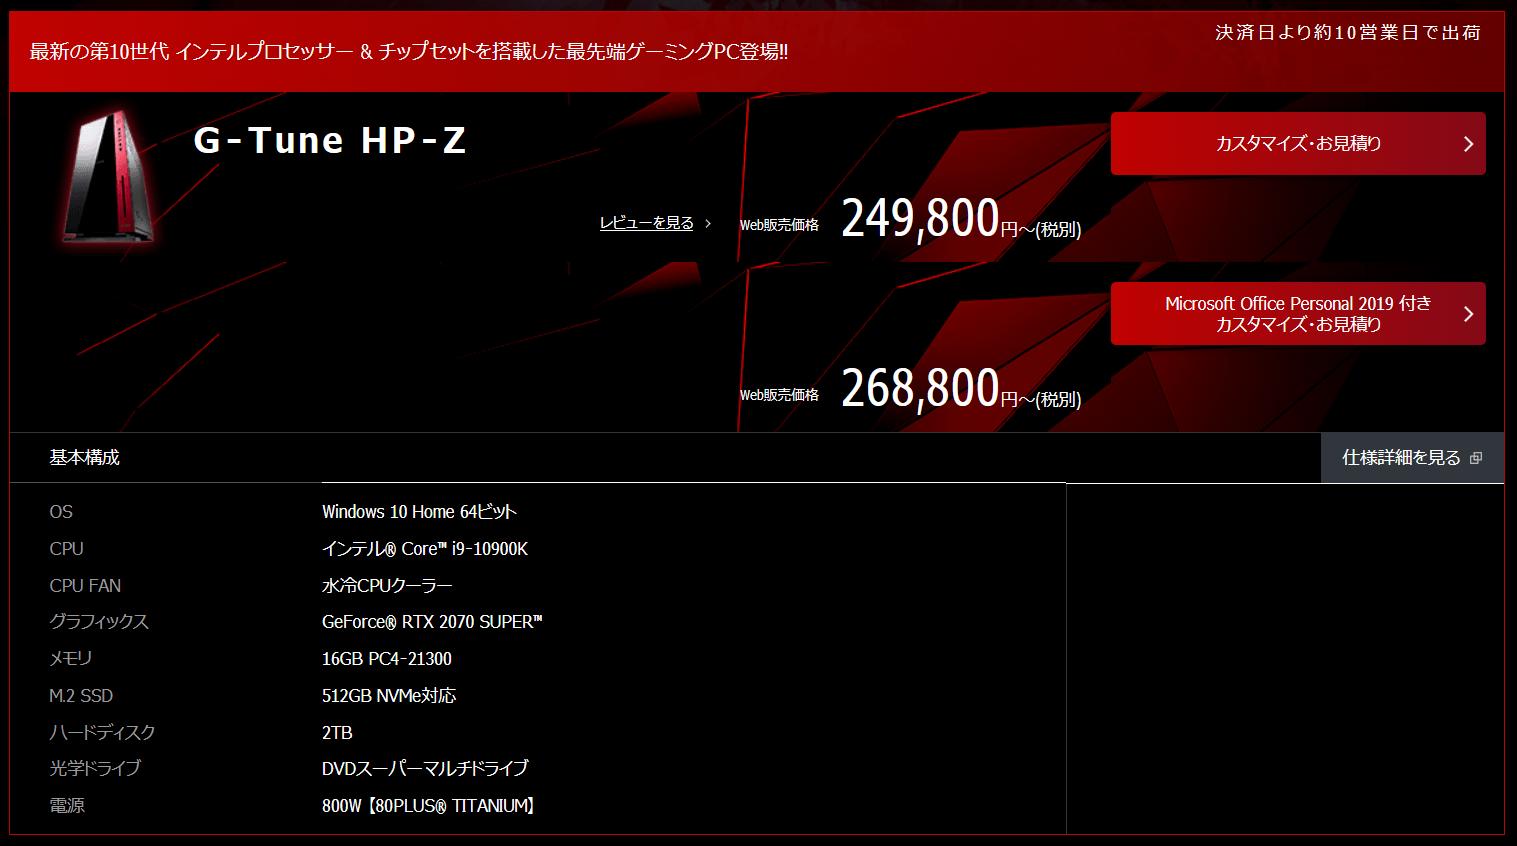 G-Tune MASTERPIECE HP-Z